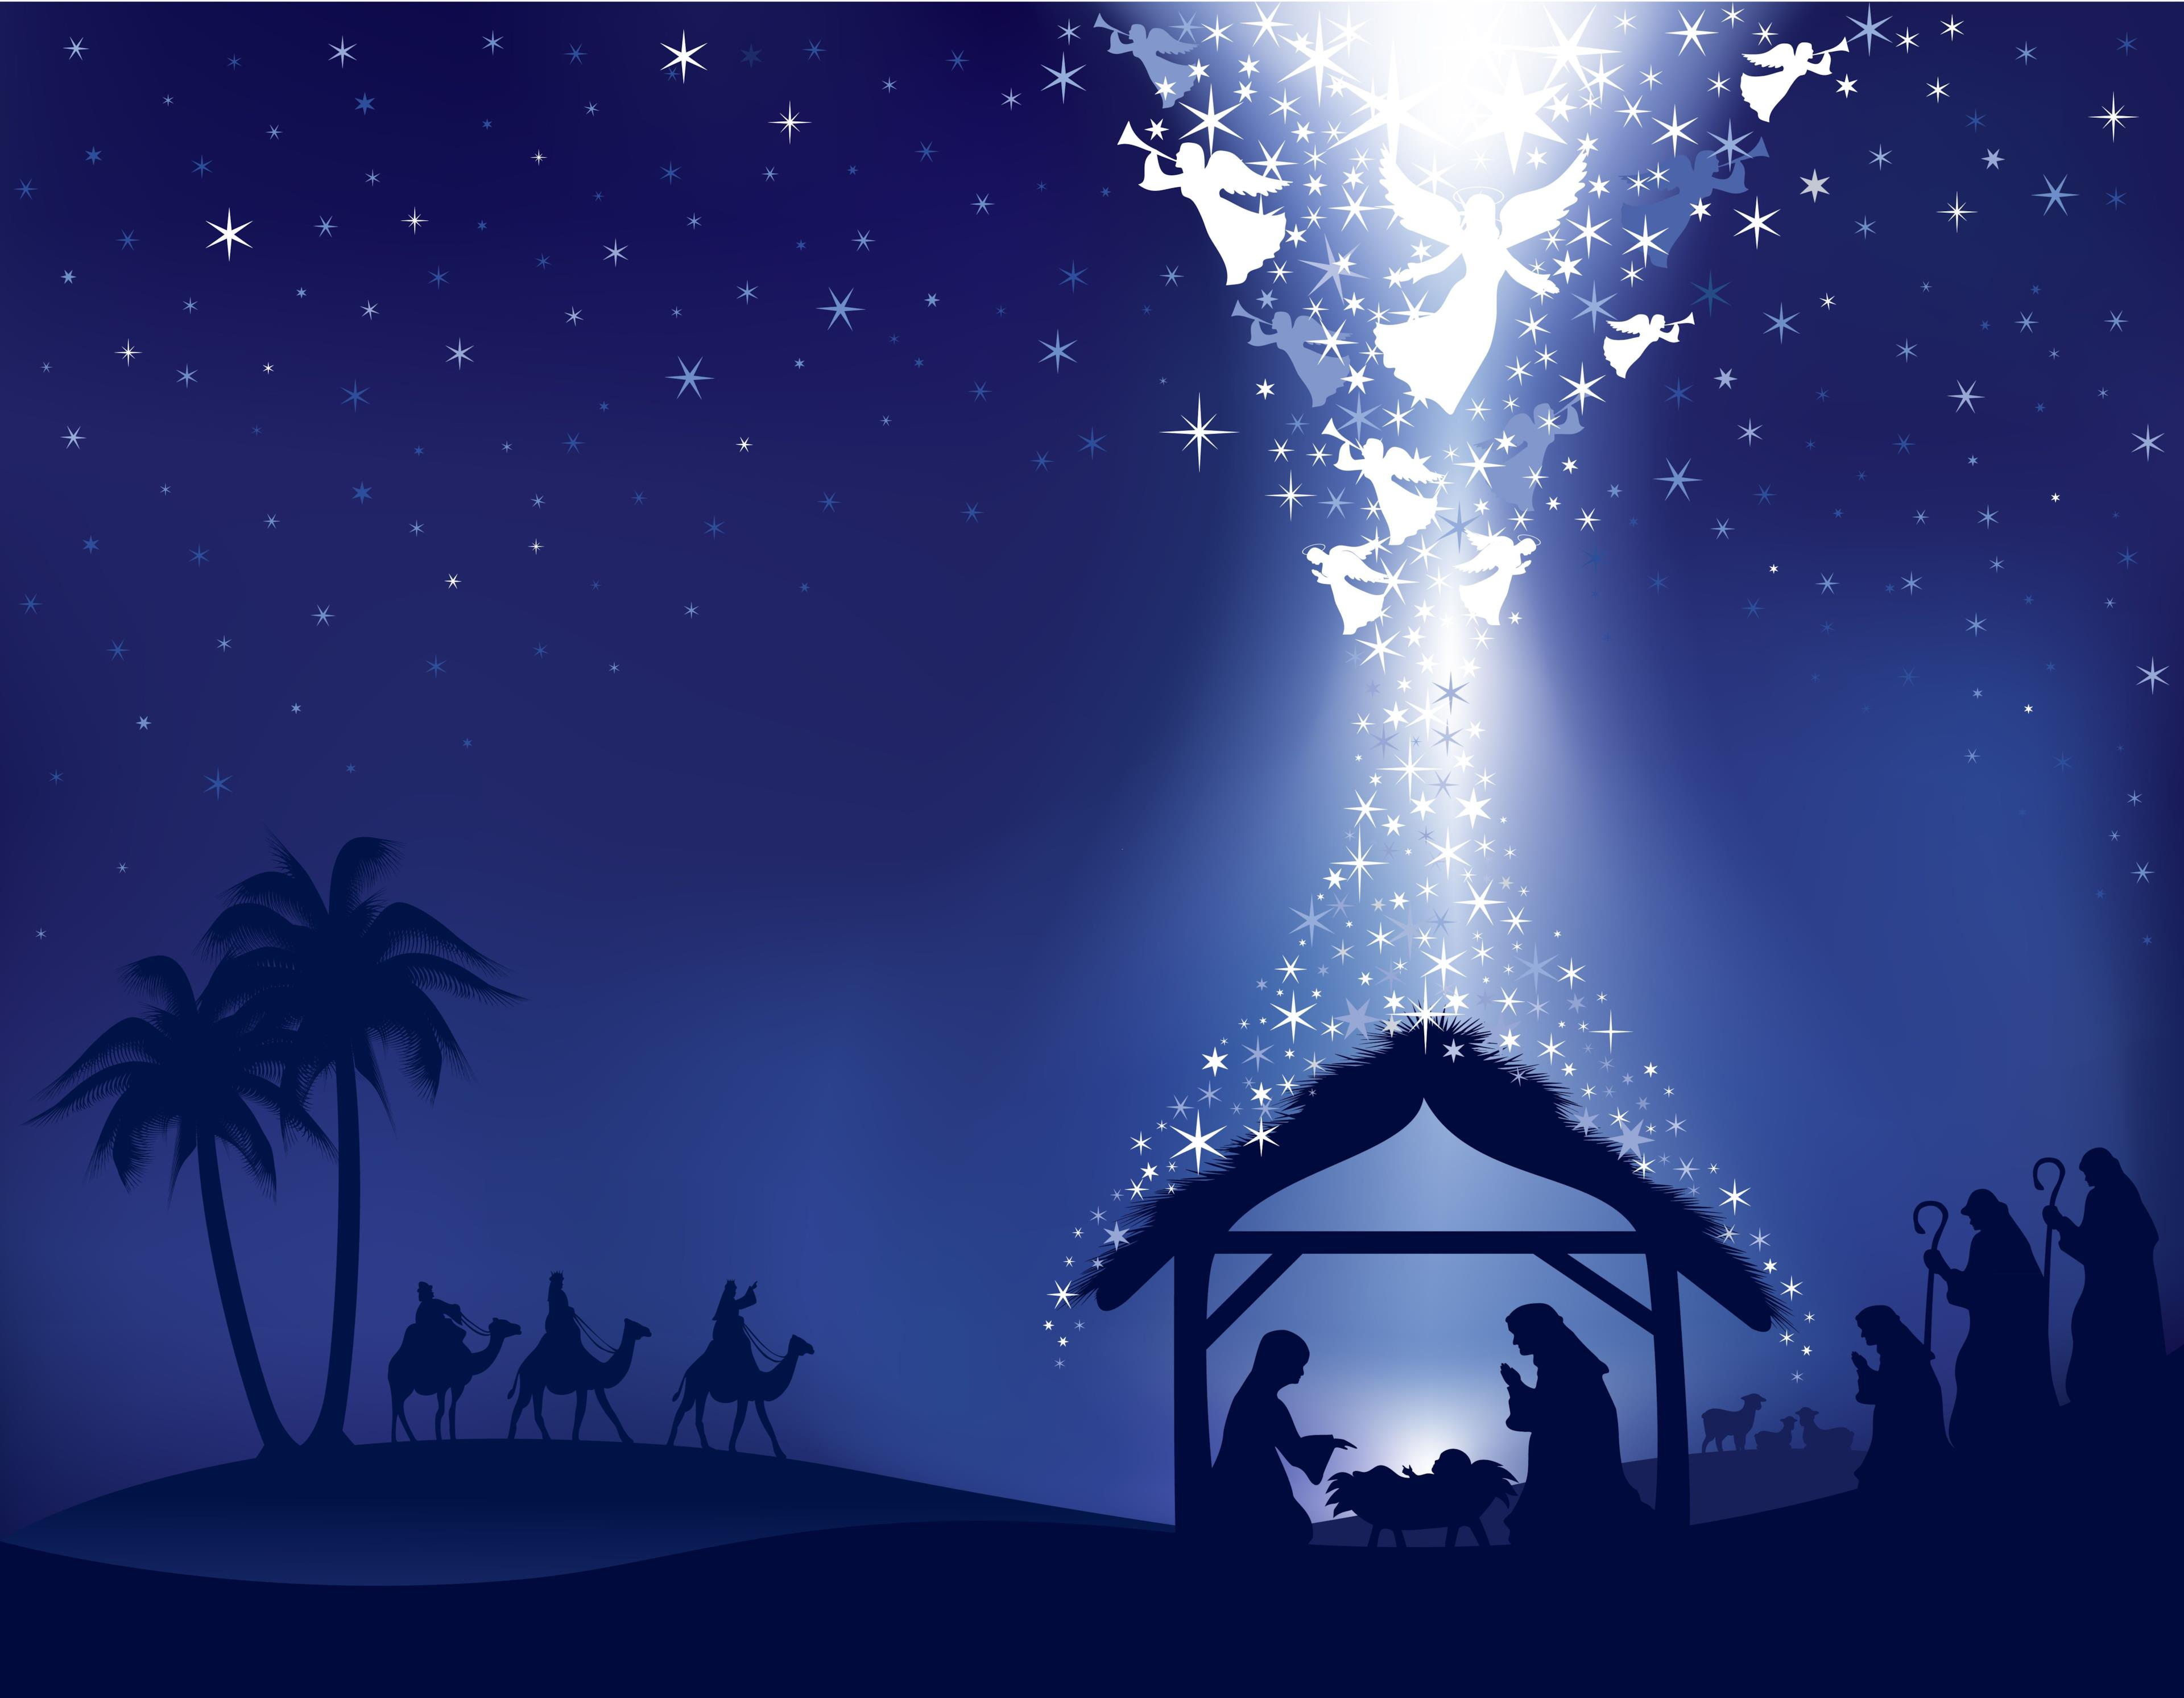 Immagini di Natale cristiane